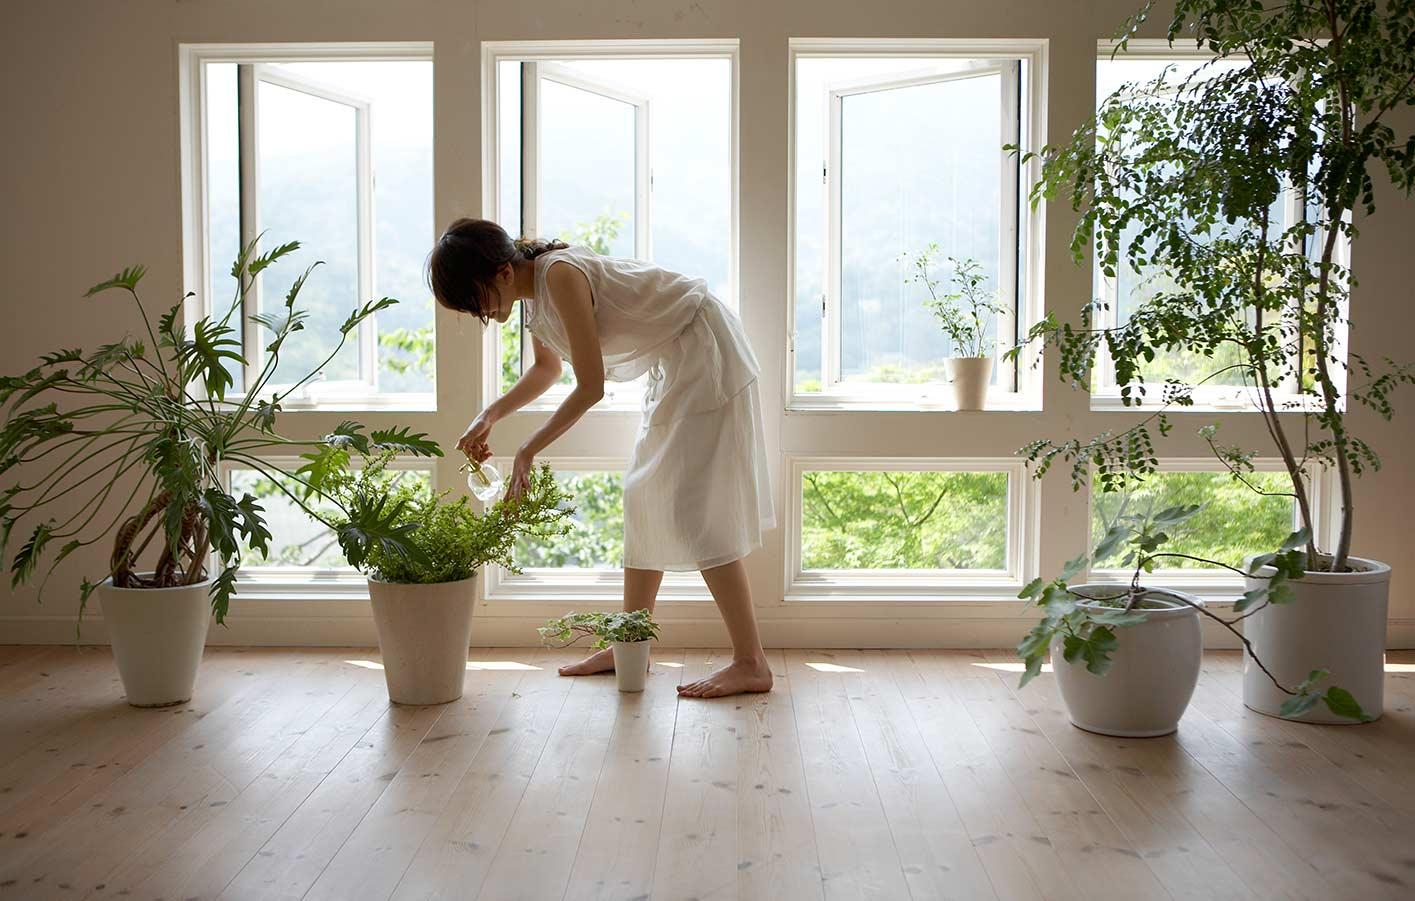 Sweet Home 3d Fußboden Farbe ~ Kork korkboden parkett vinyl laminat backnang schwäbisch hall